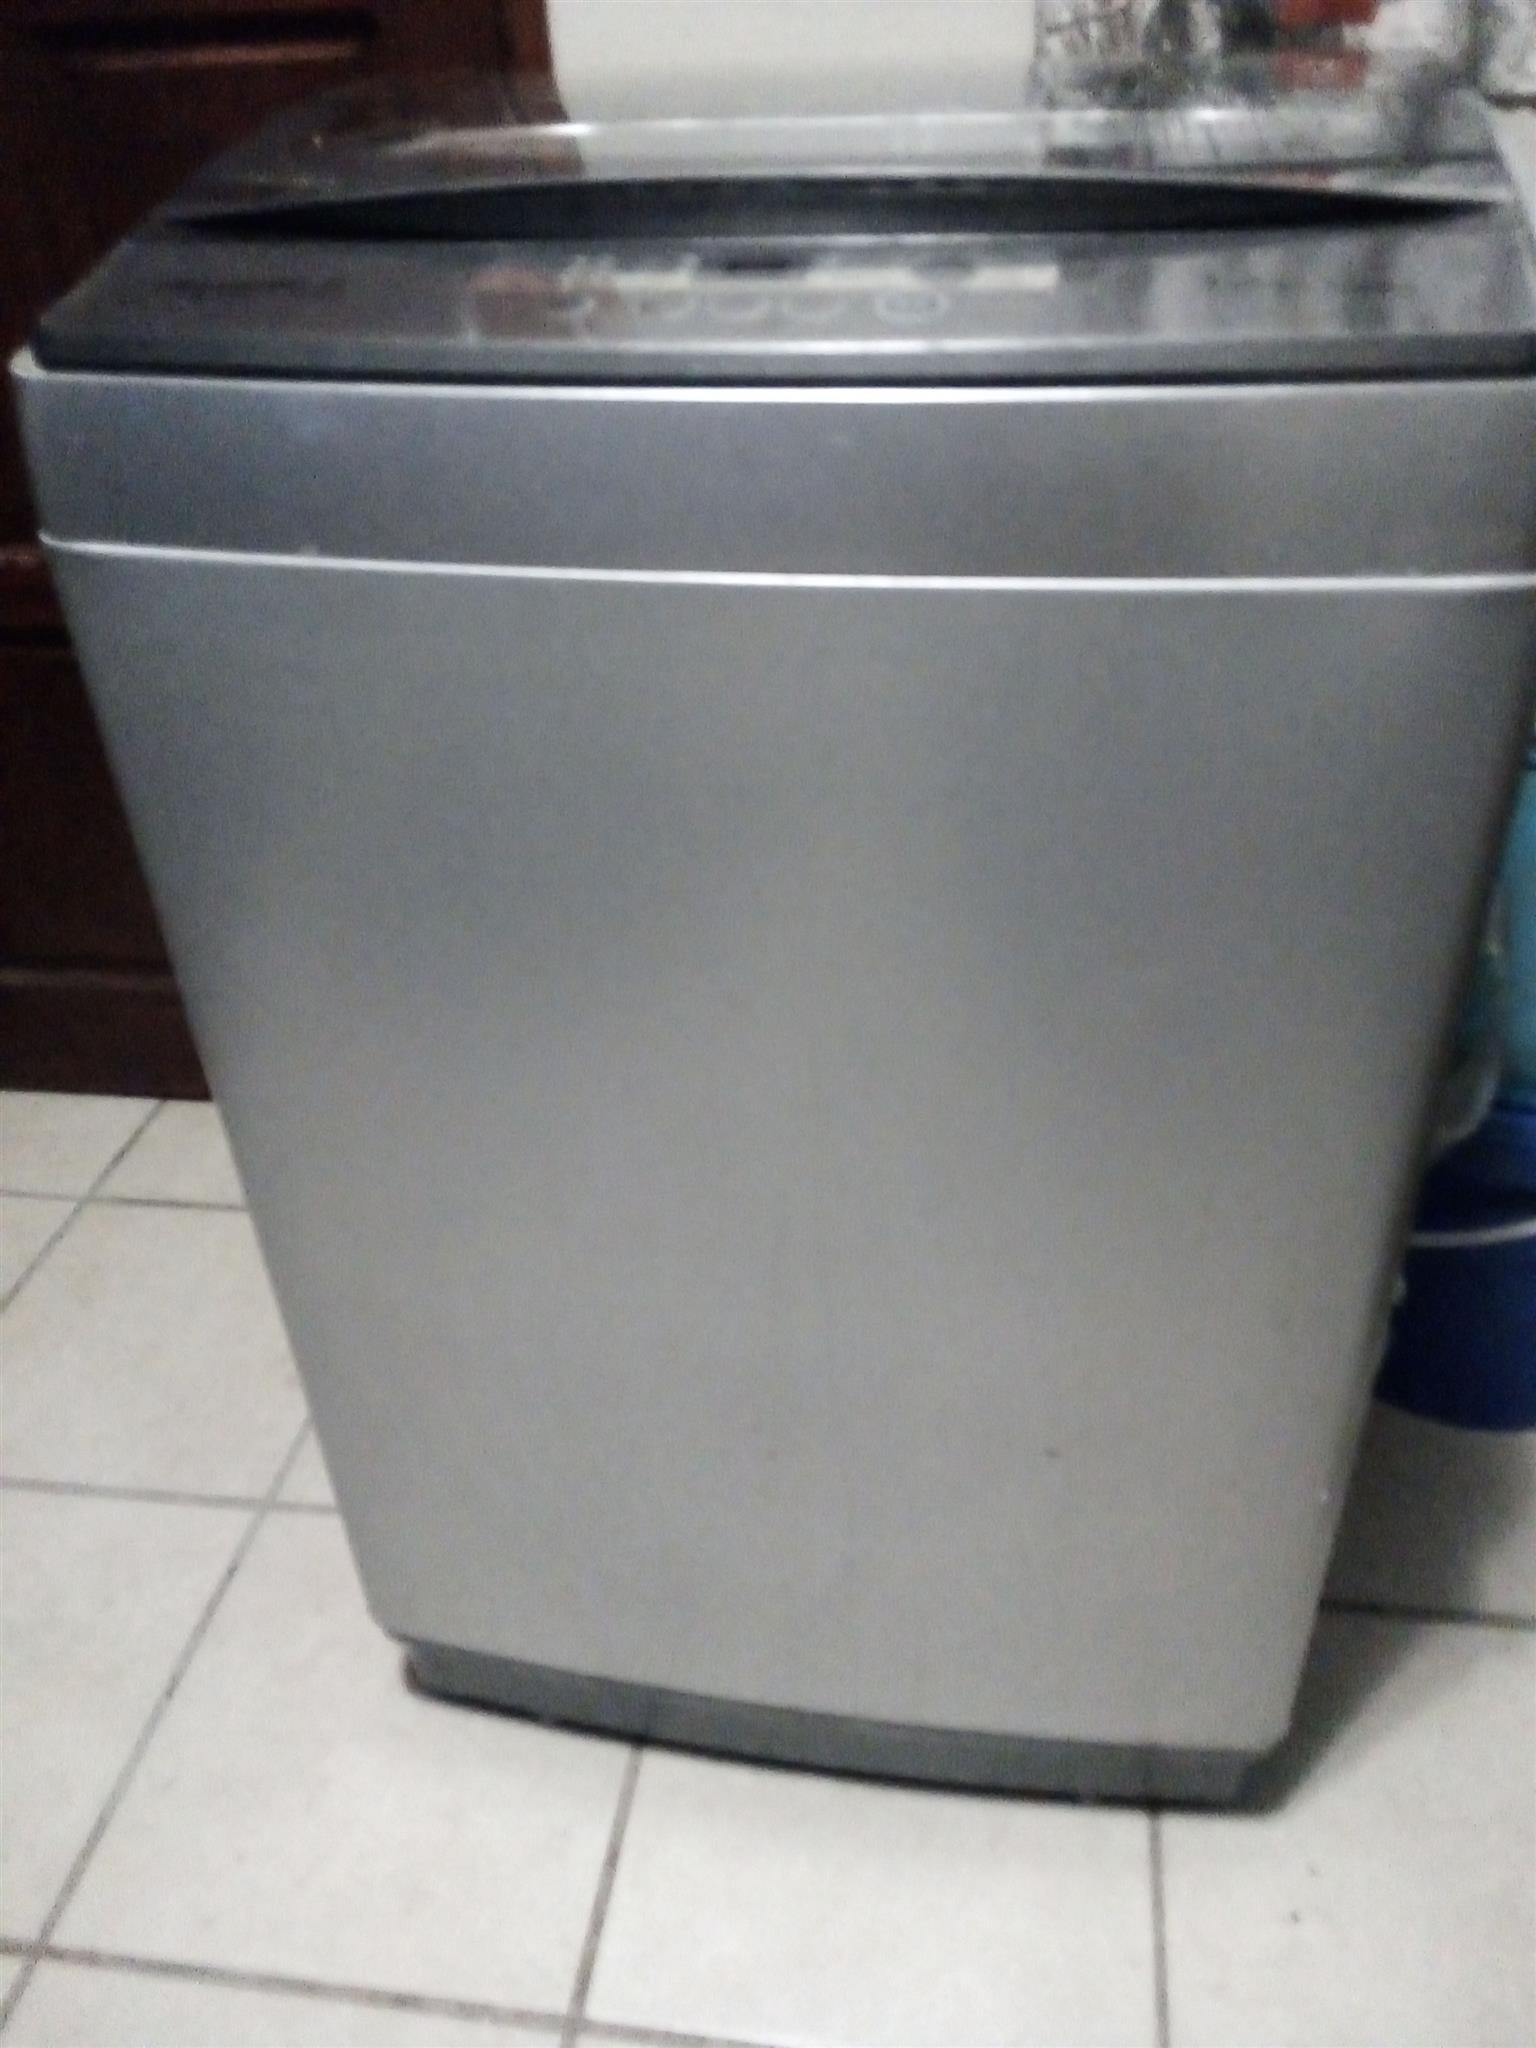 13kg Hisense washing machine toploader